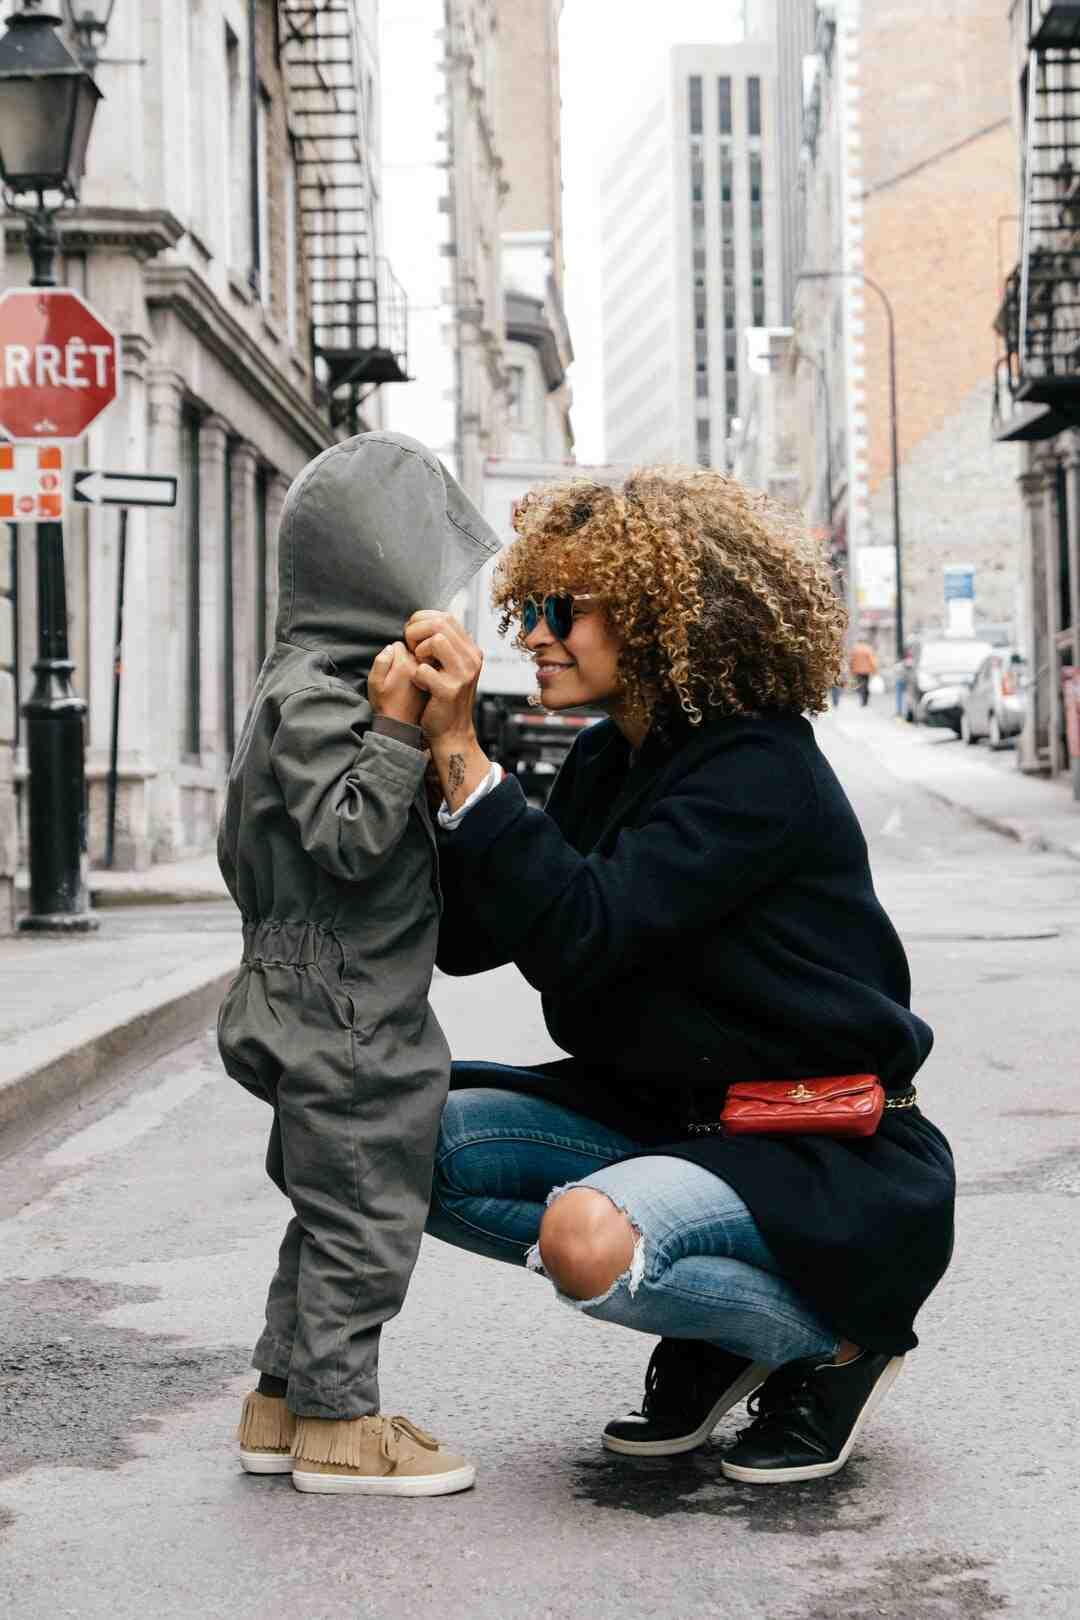 Comment faire l amour pour la première fois sans tomber enceinte